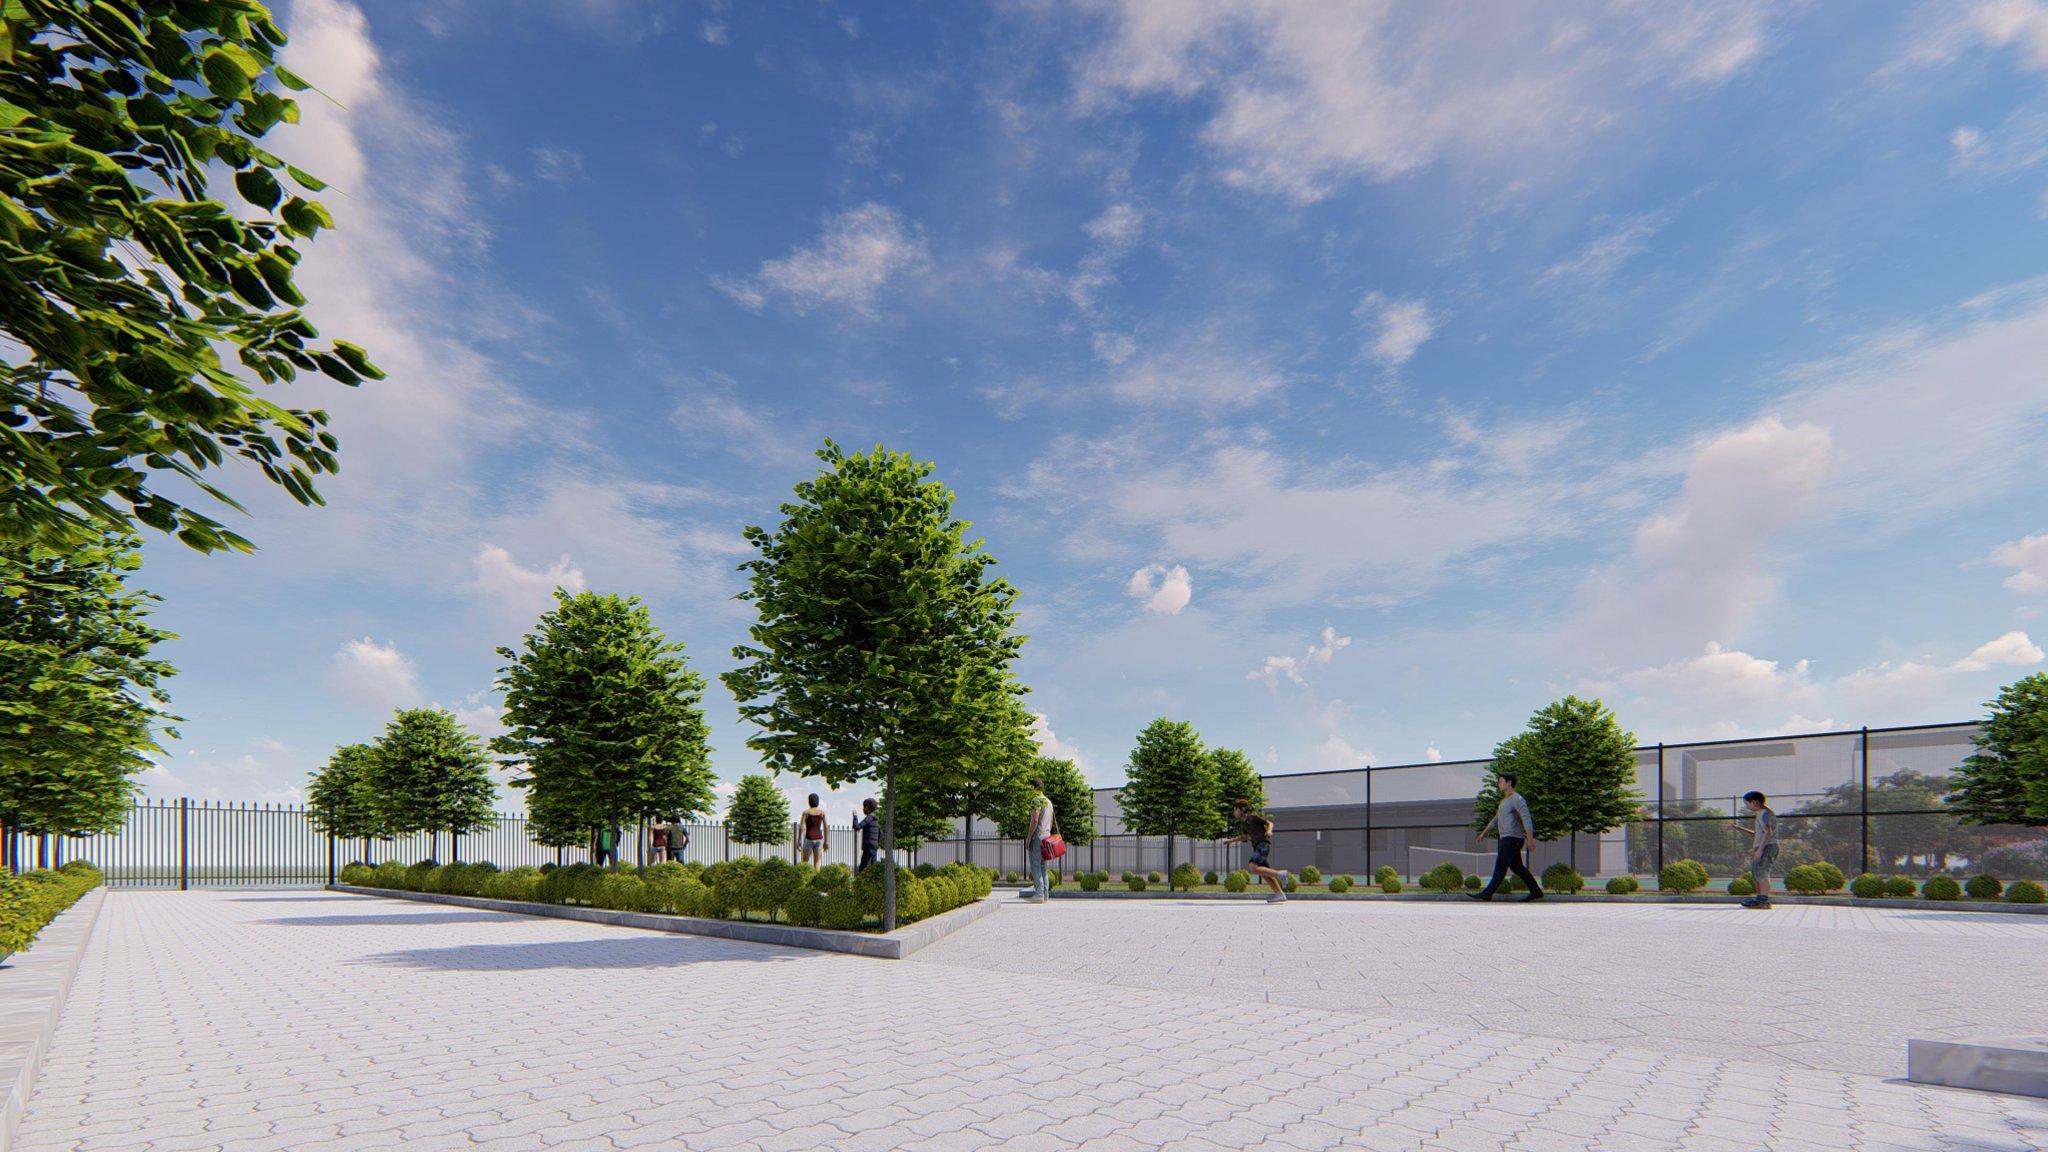 Hạ tầng cây xanh Khu đô thị Minh Đức – Mê Linh